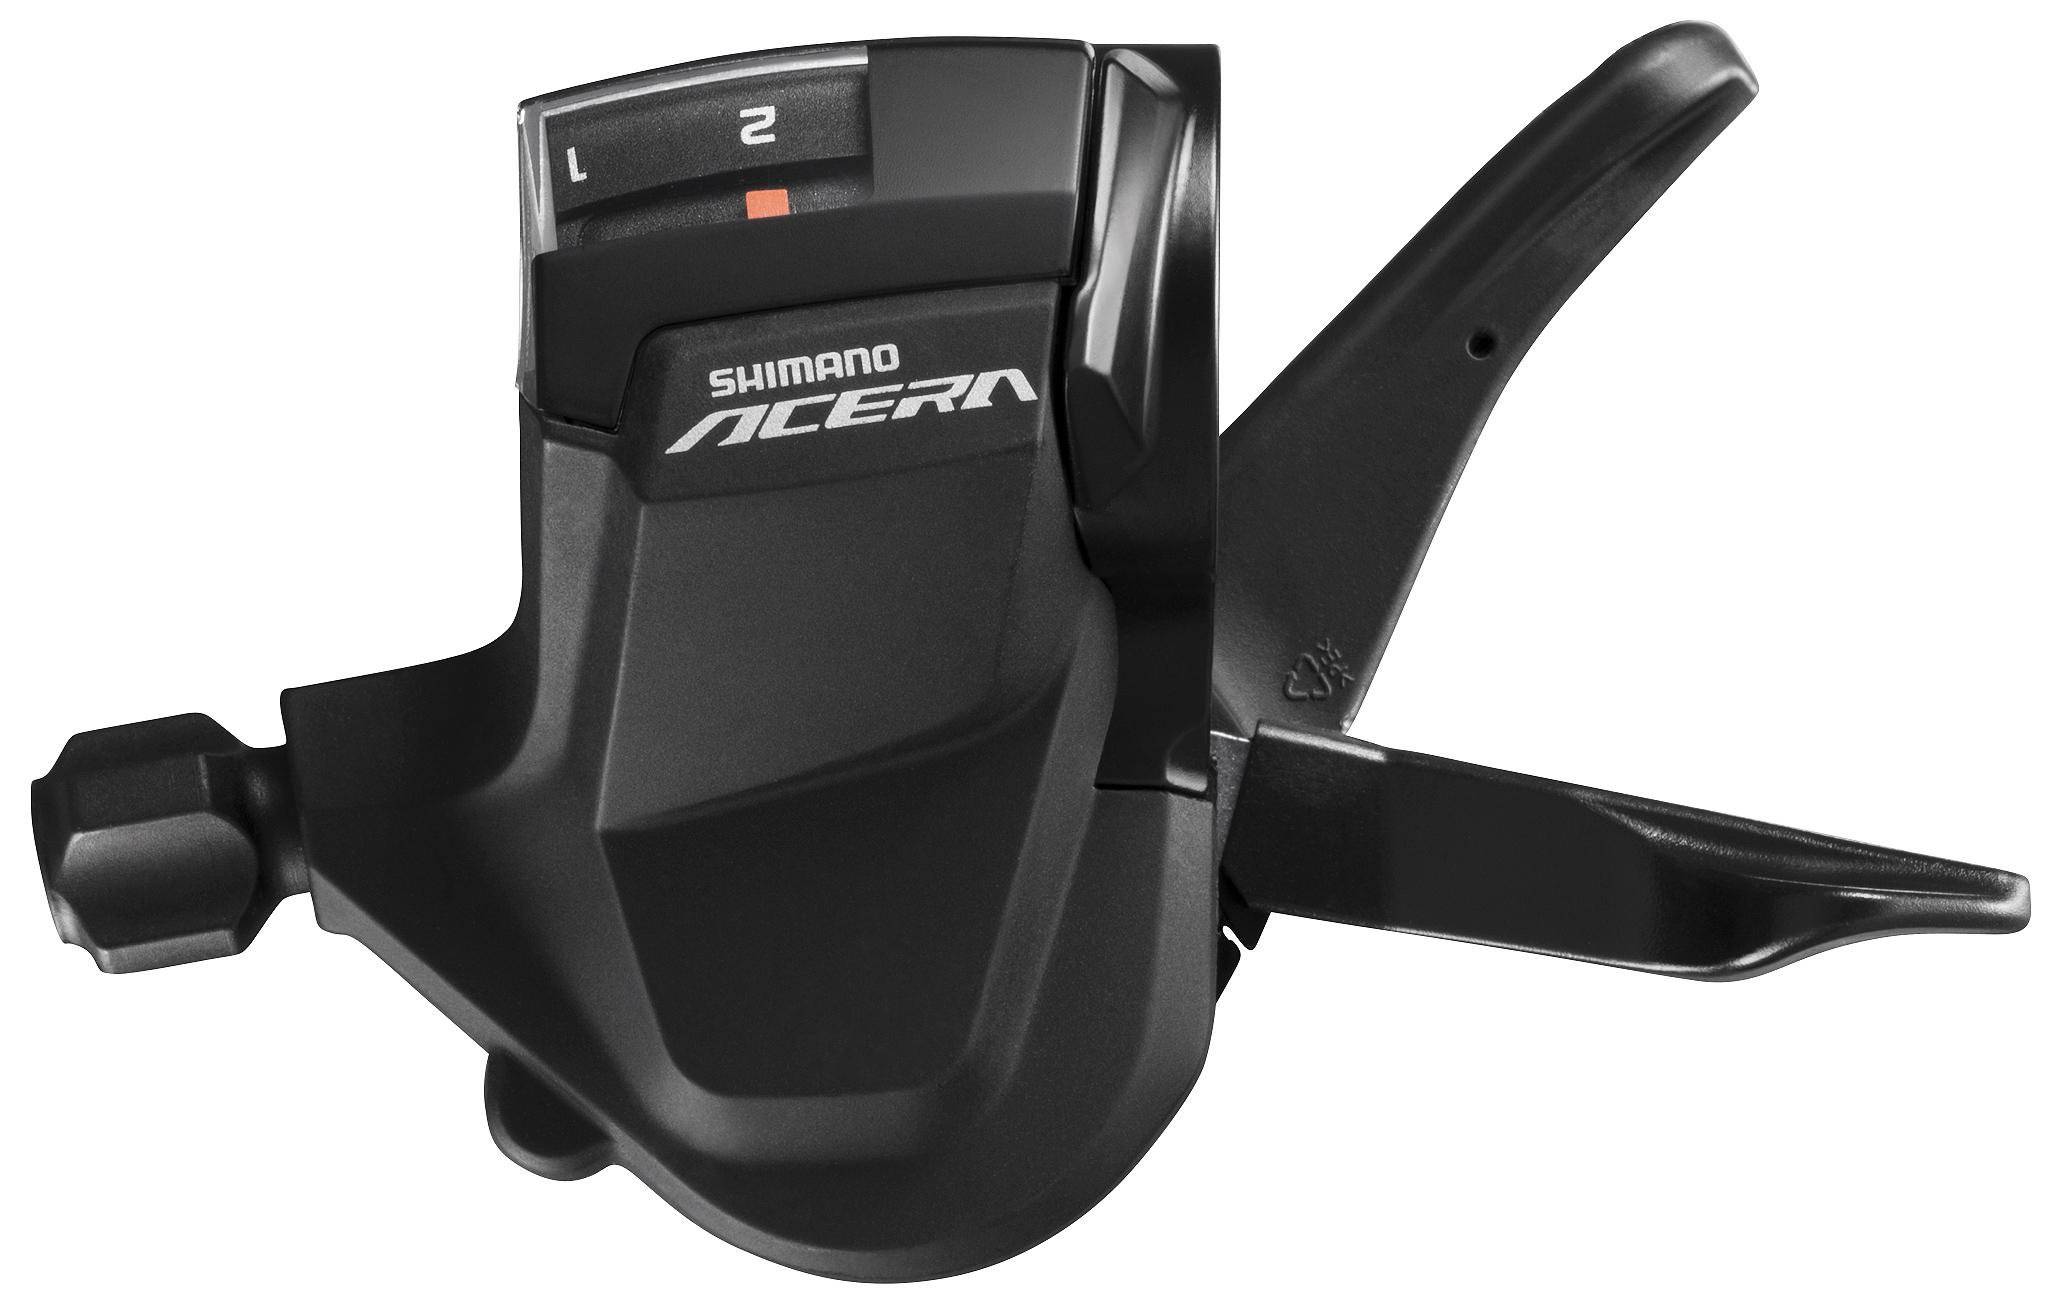 Запчасть Shimano Acera M3010, лев, 2ск (ESLM3010LB) шифтер shimano acera m3010 левый 2 скорости трос 1800 мм eslm3010lb